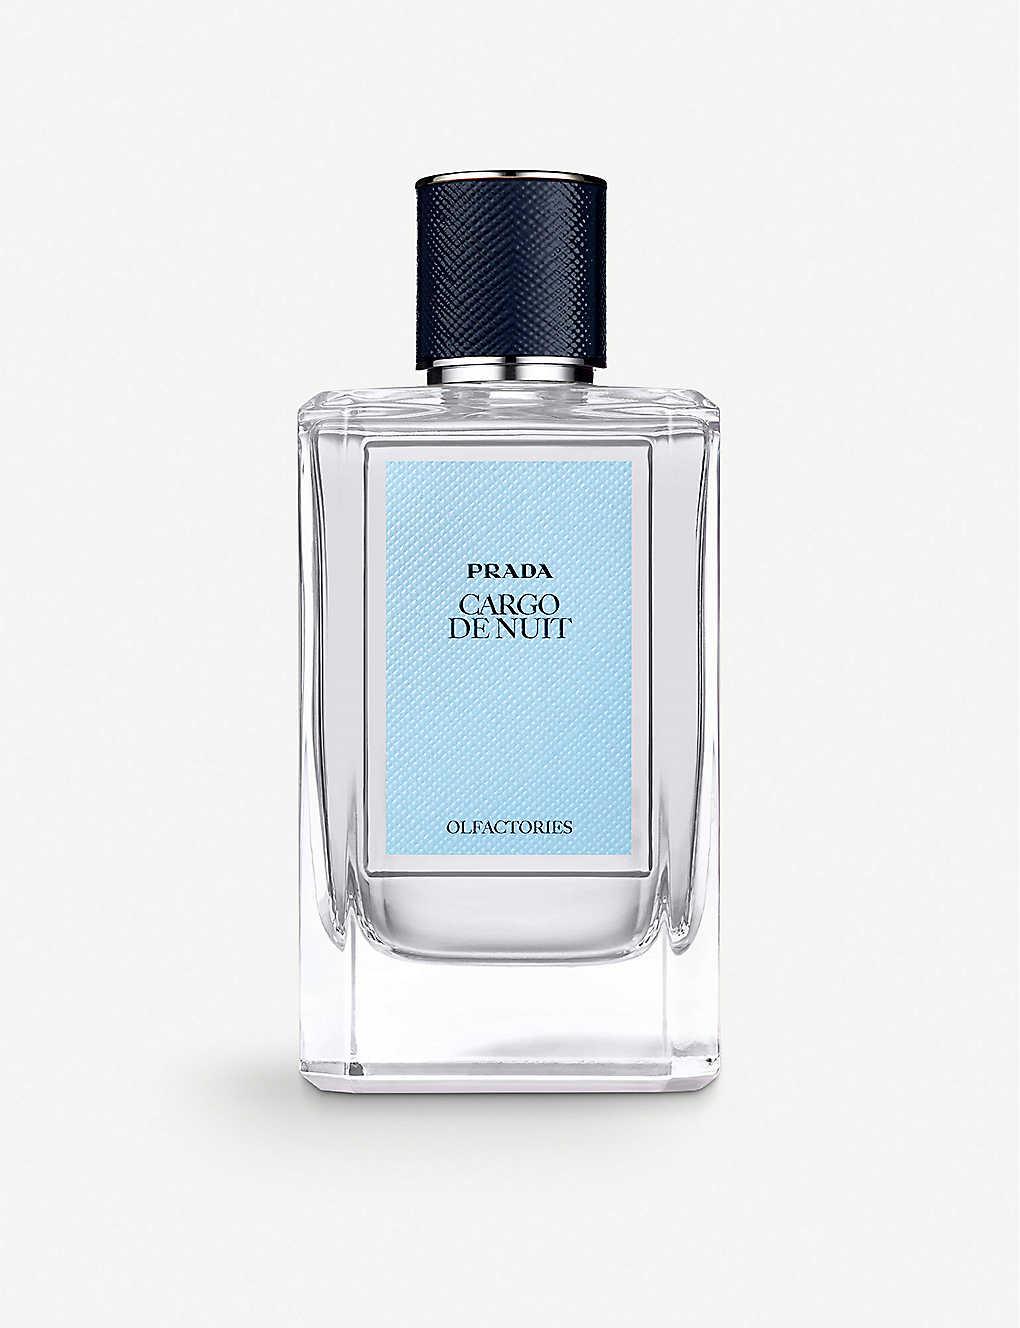 5207fc65bee PRADA - Olfactories Cargo de Nuit eau de parfum 100ml